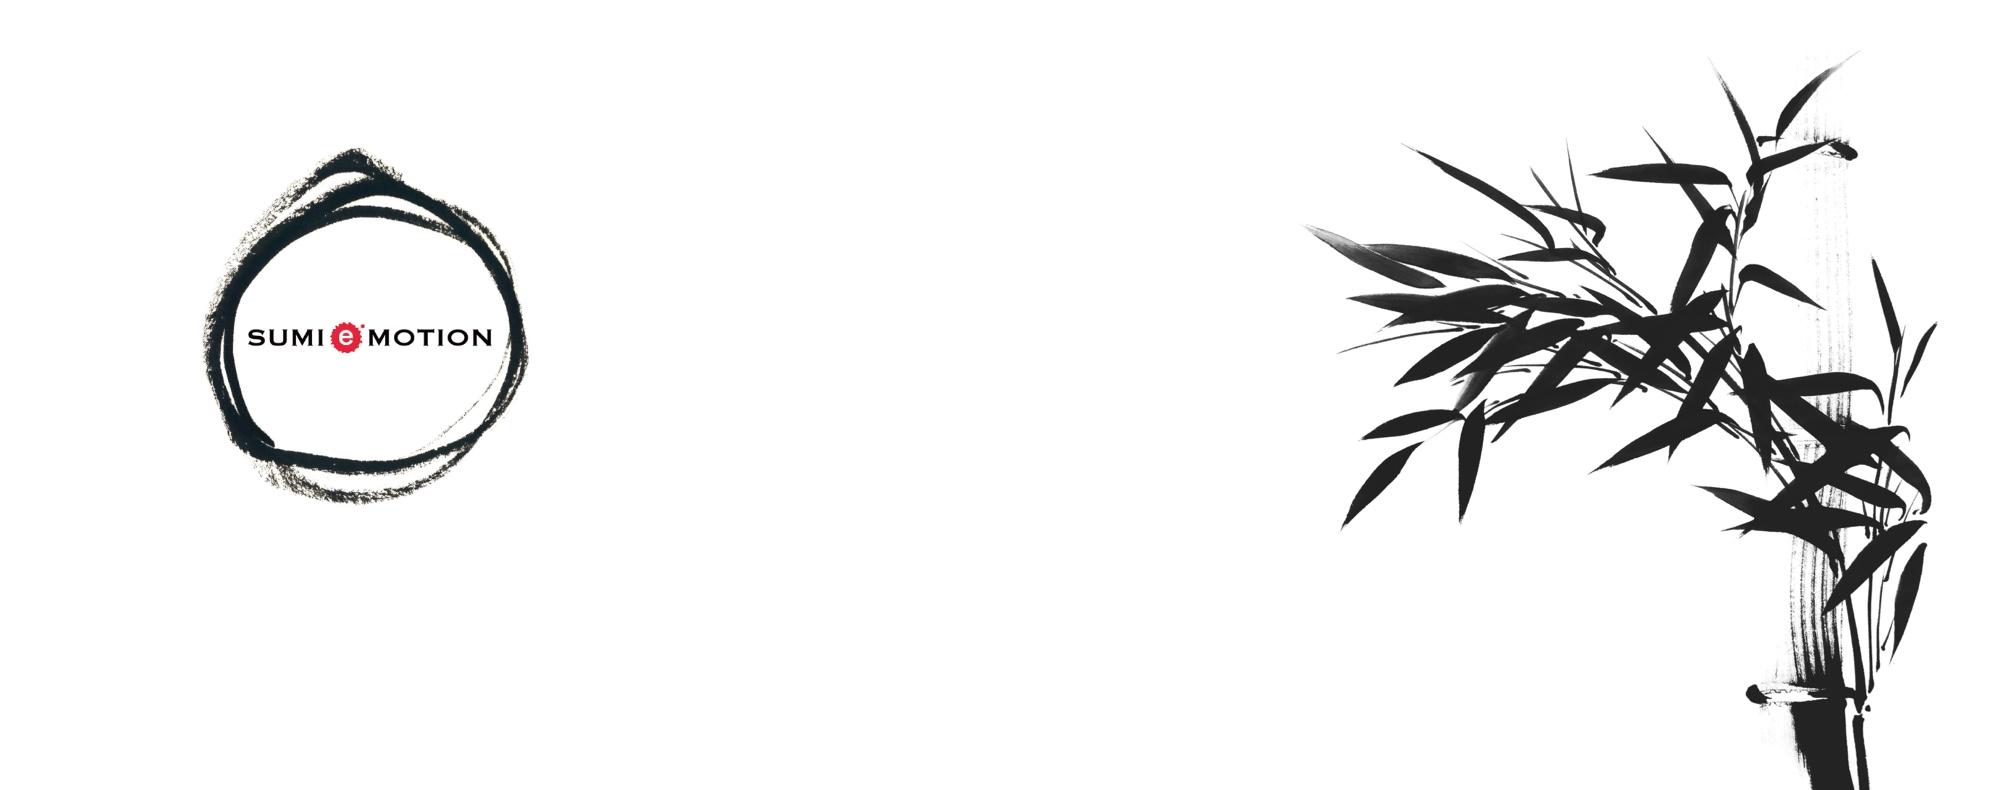 竹の水墨画とロゴマーク2